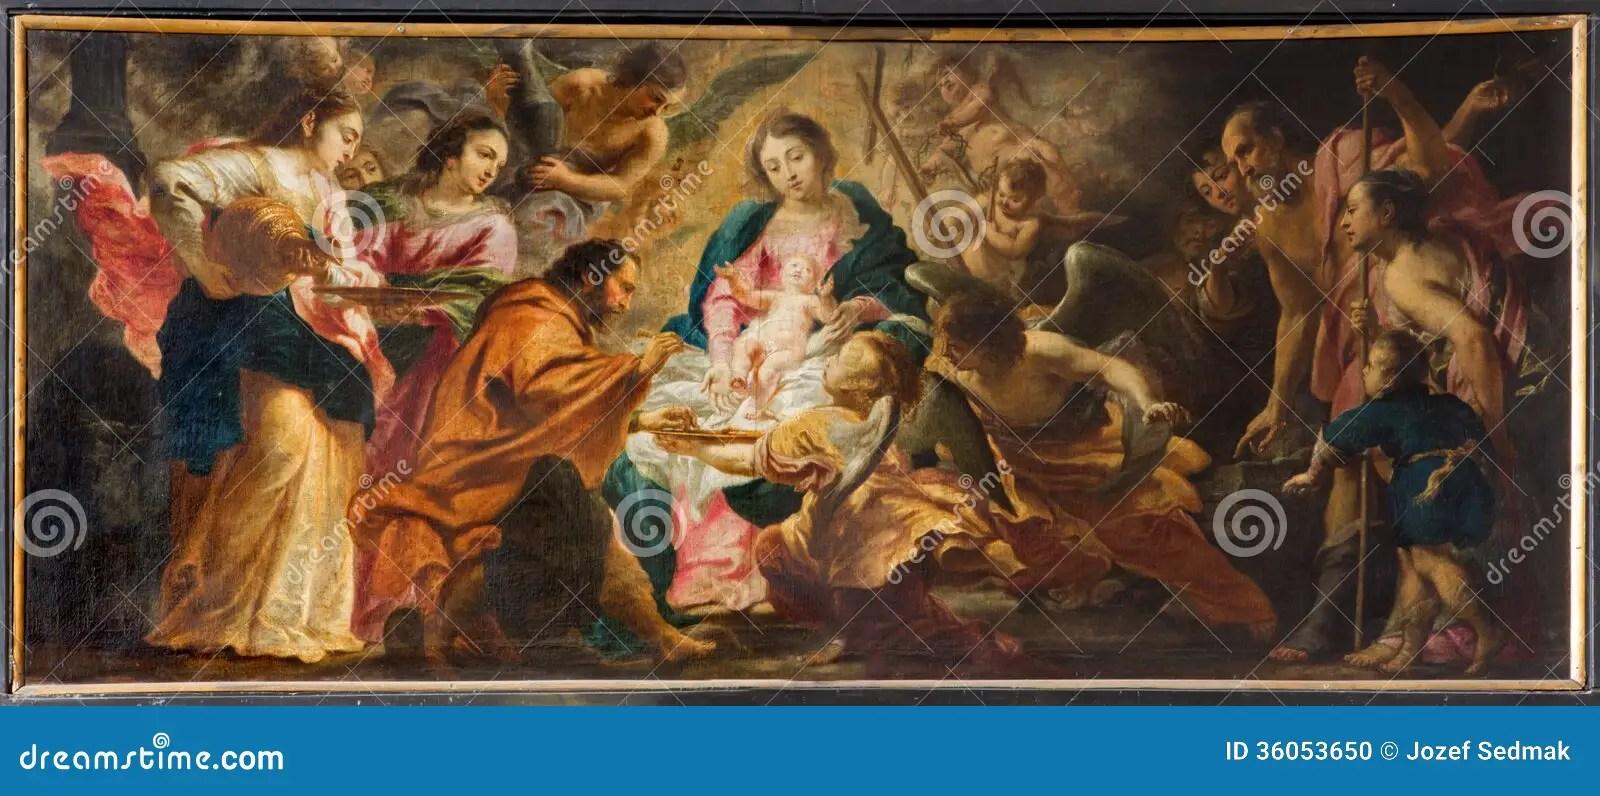 Antwerp Nativity Scene By Cornelis Schut 1597 1655